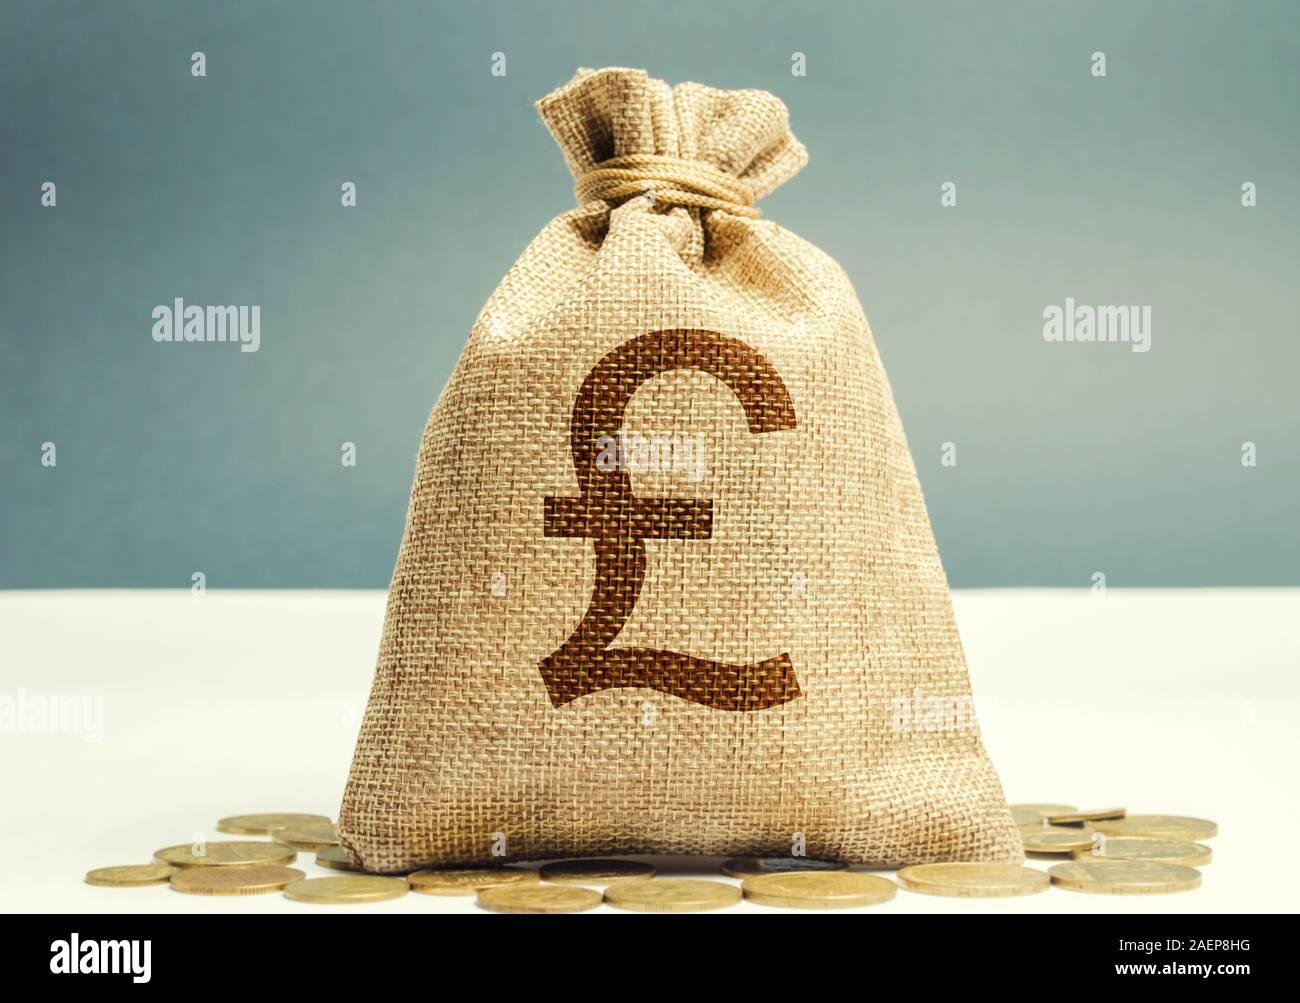 Bolsa de dinero con monedas. Concepto de ganancias y finanzas. Presupuesto, salario, ingresos. Distribución de dinero y ahorros. Libra esterlina. Foto de stock